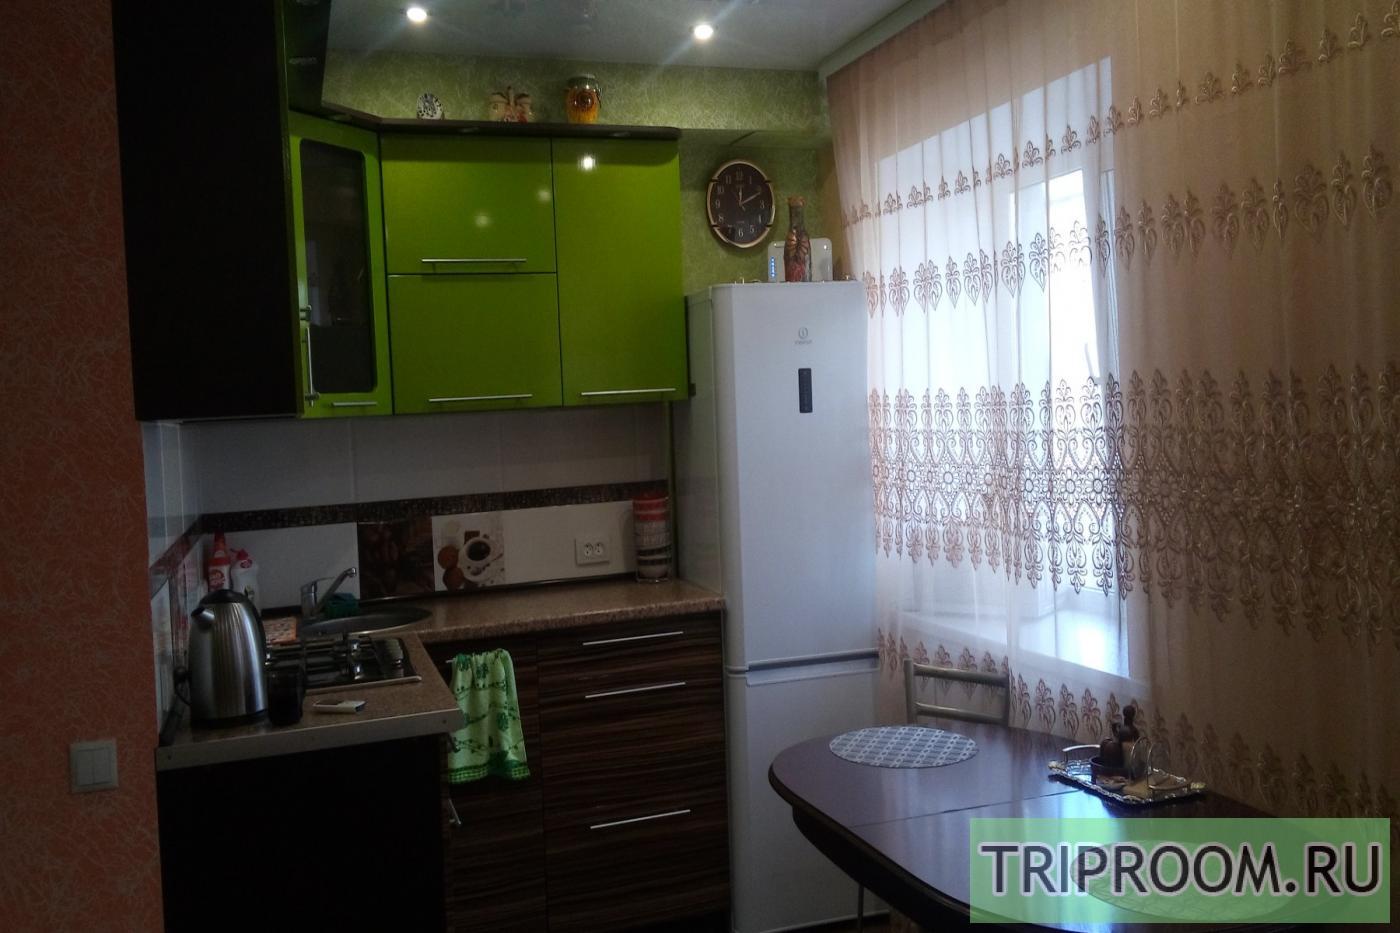 1-комнатная квартира посуточно (вариант № 21339), ул. Петропавловская улица, фото № 3